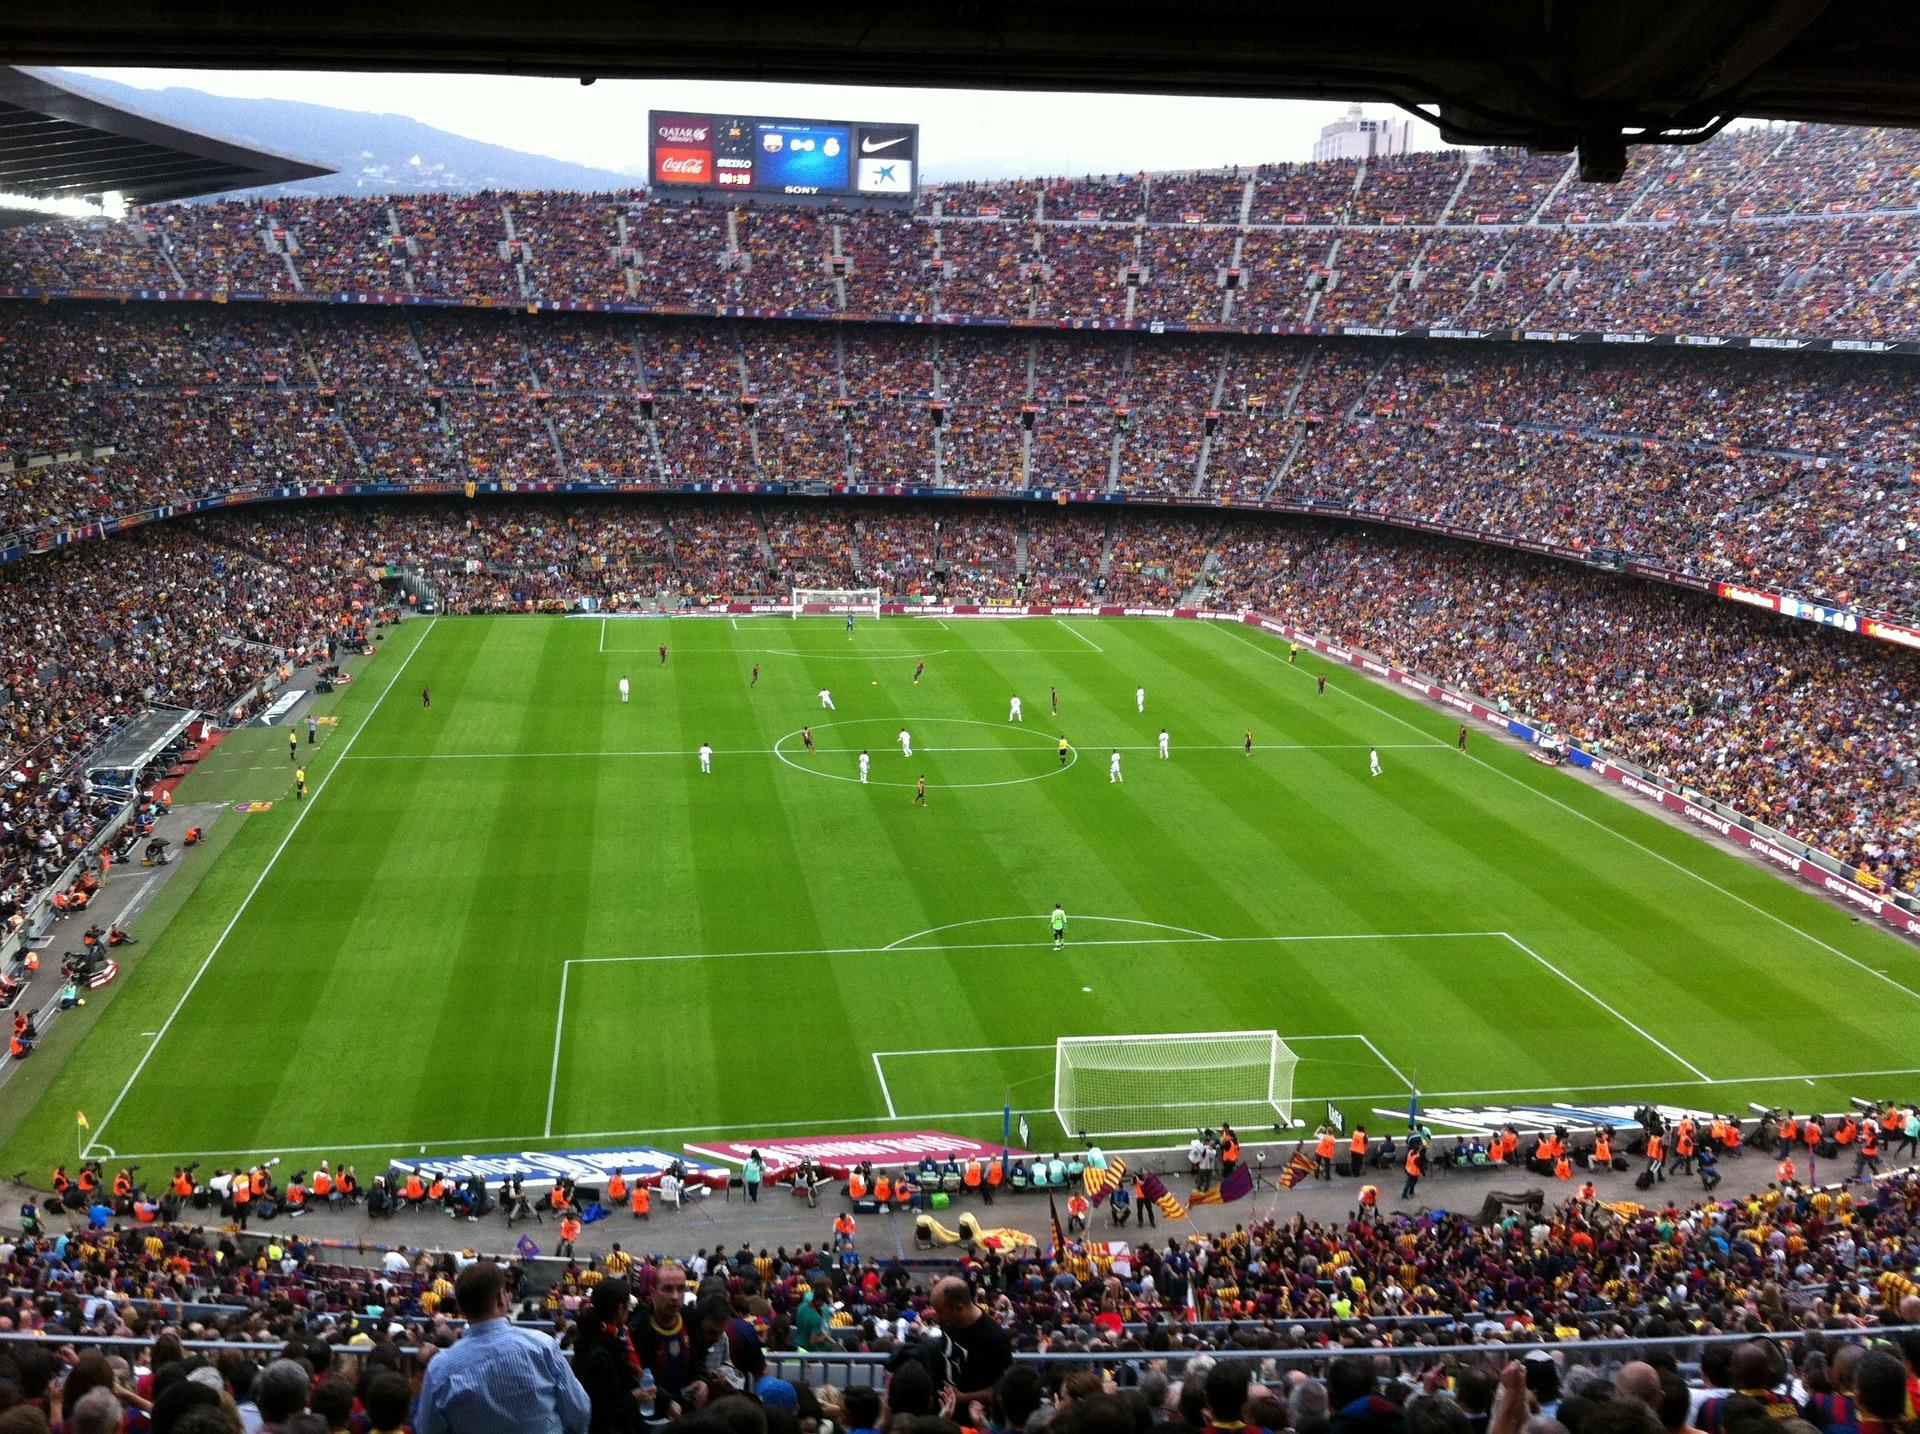 La Liga Barcelona Tickets günstig - auch das berühmte El Classico können Sie hier günstig kaufen - Kopie